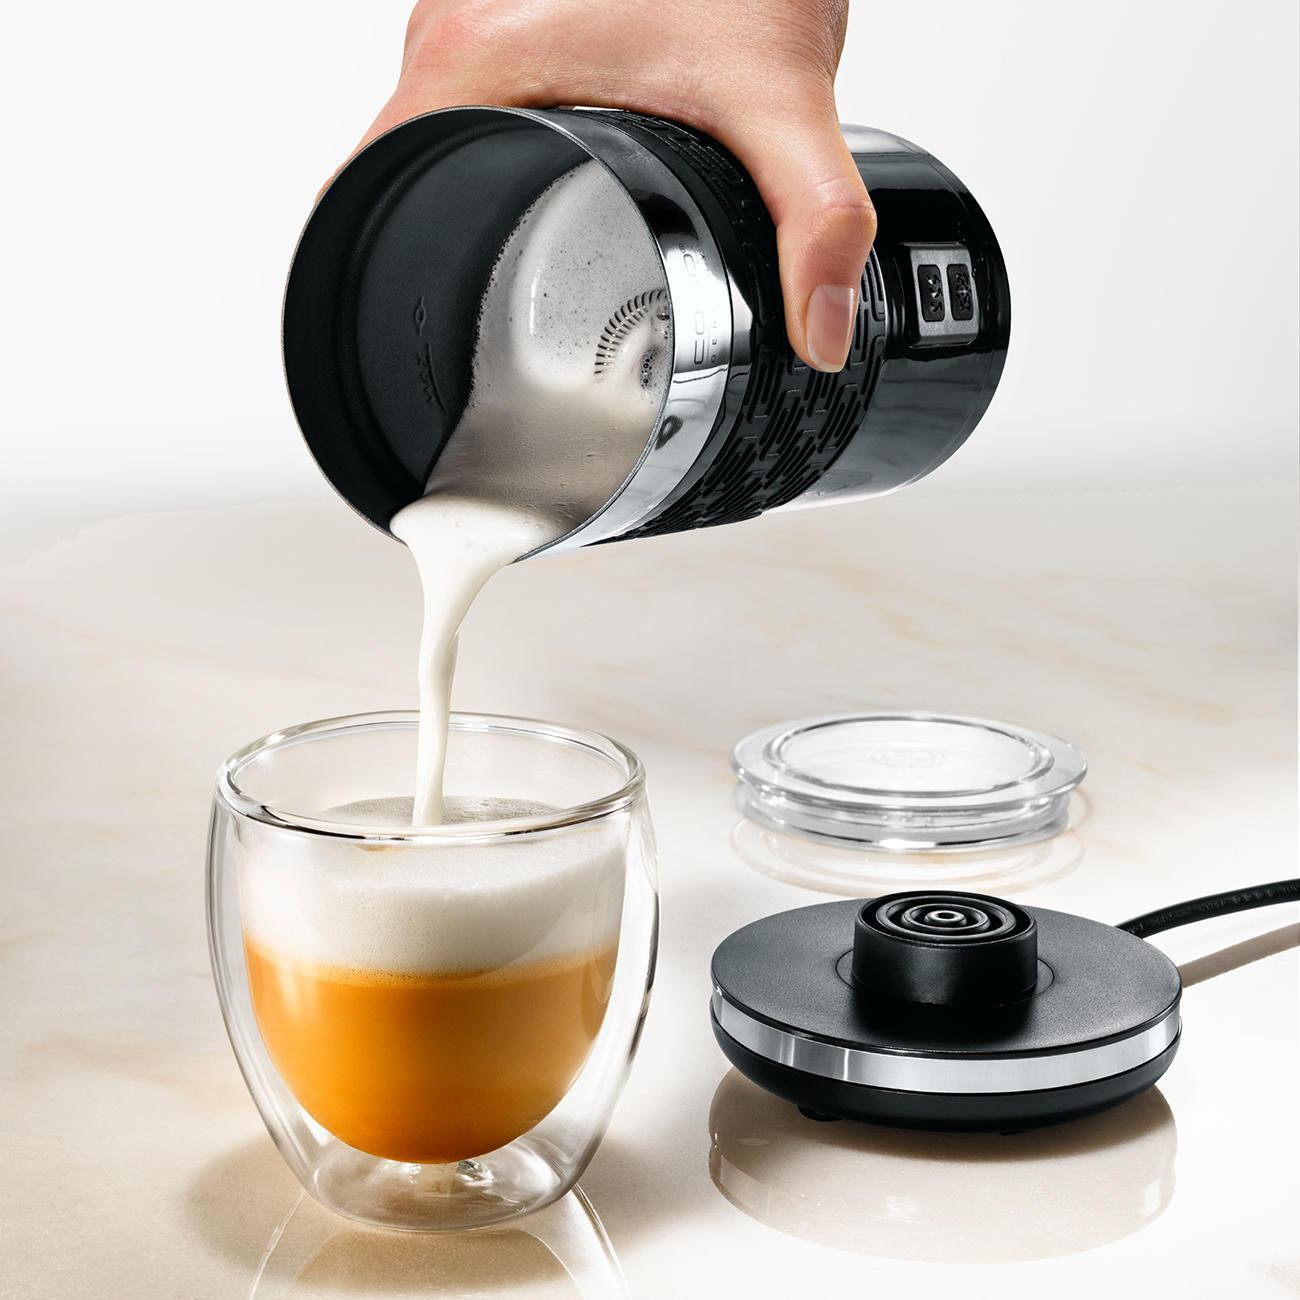 acheter mousseur de lait fomini crema en ligne pas cher. Black Bedroom Furniture Sets. Home Design Ideas